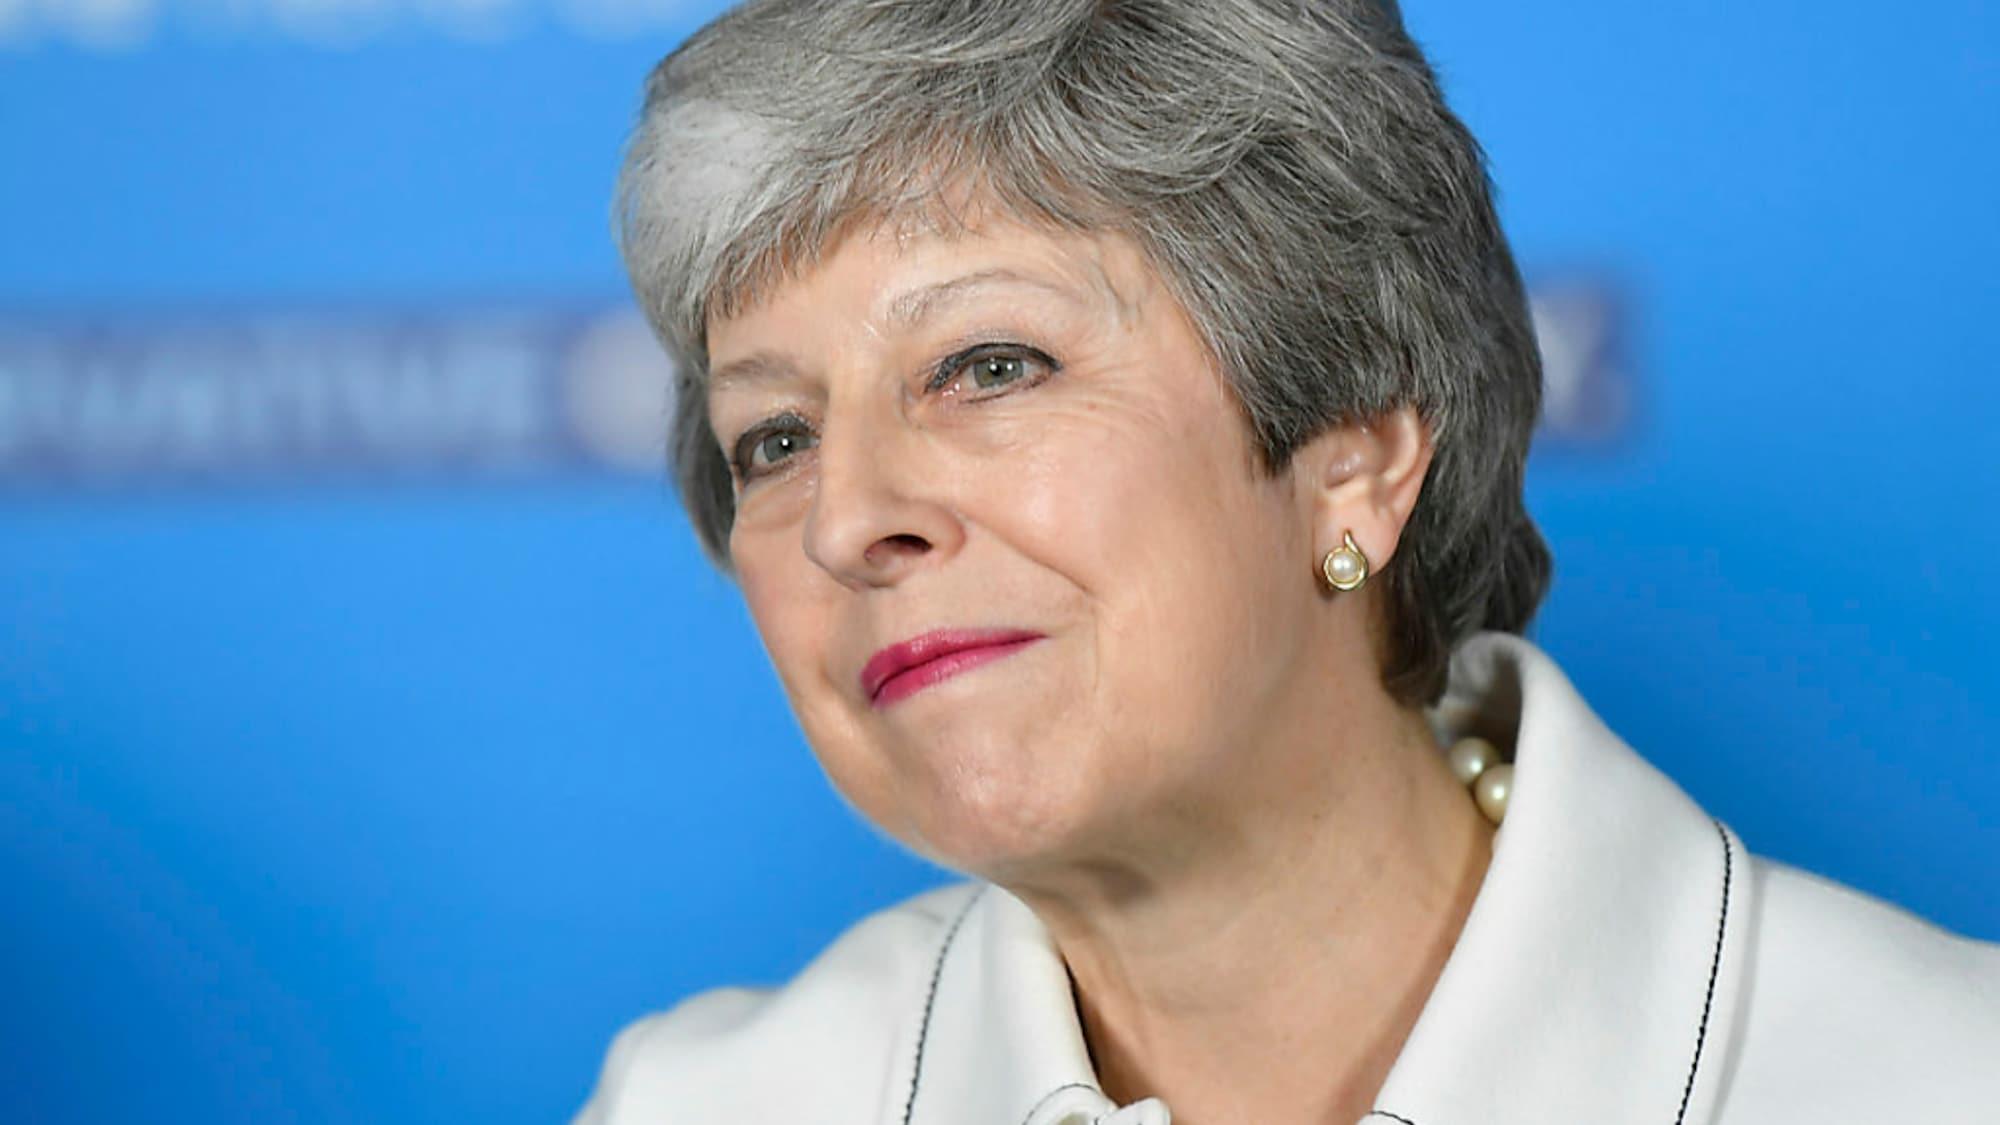 Brexit: Britische Regierungschefin verspricht «kühnes» neues Brexit-Paket